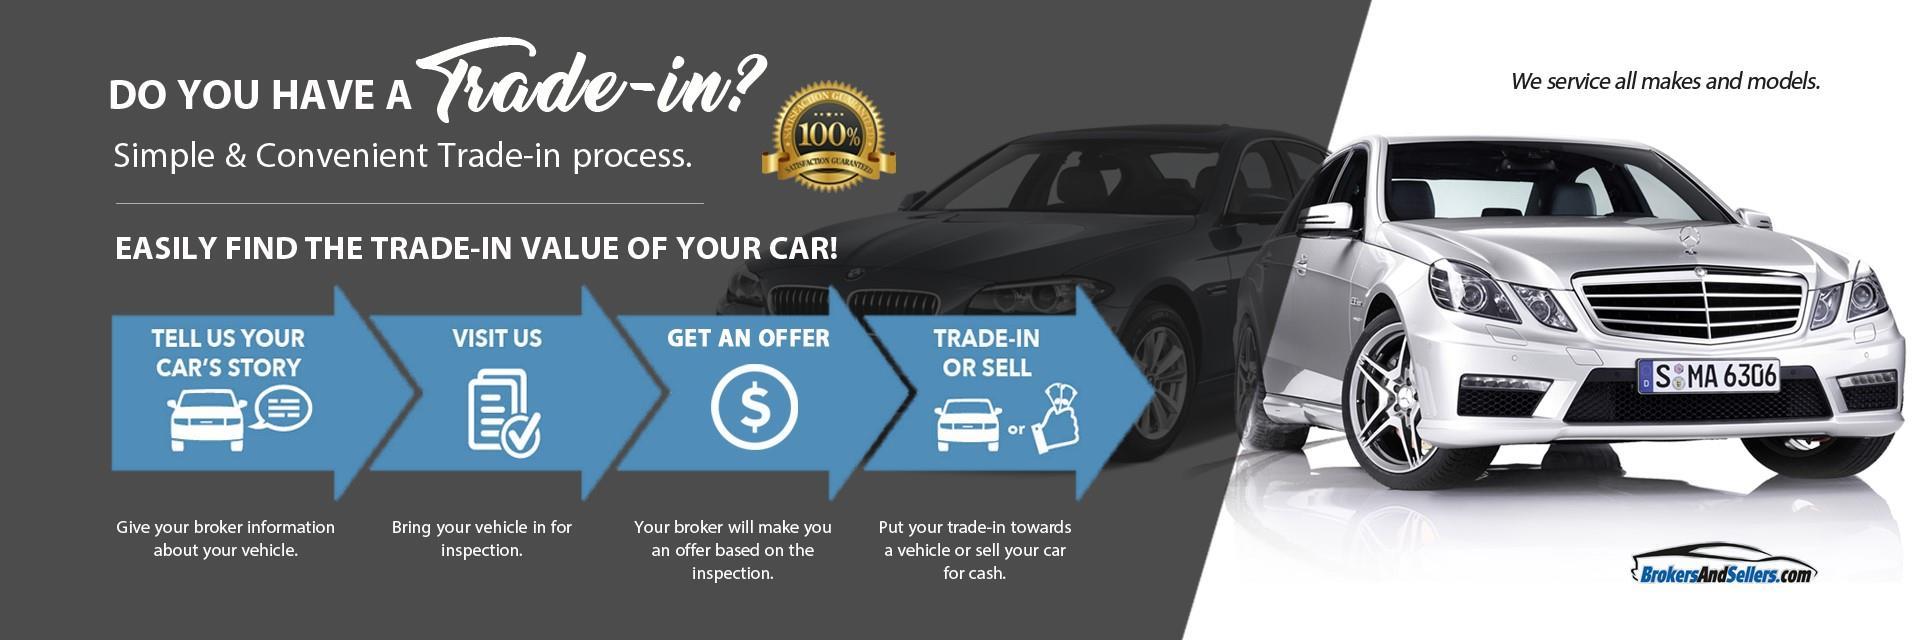 Brokersandsellers Used Cars